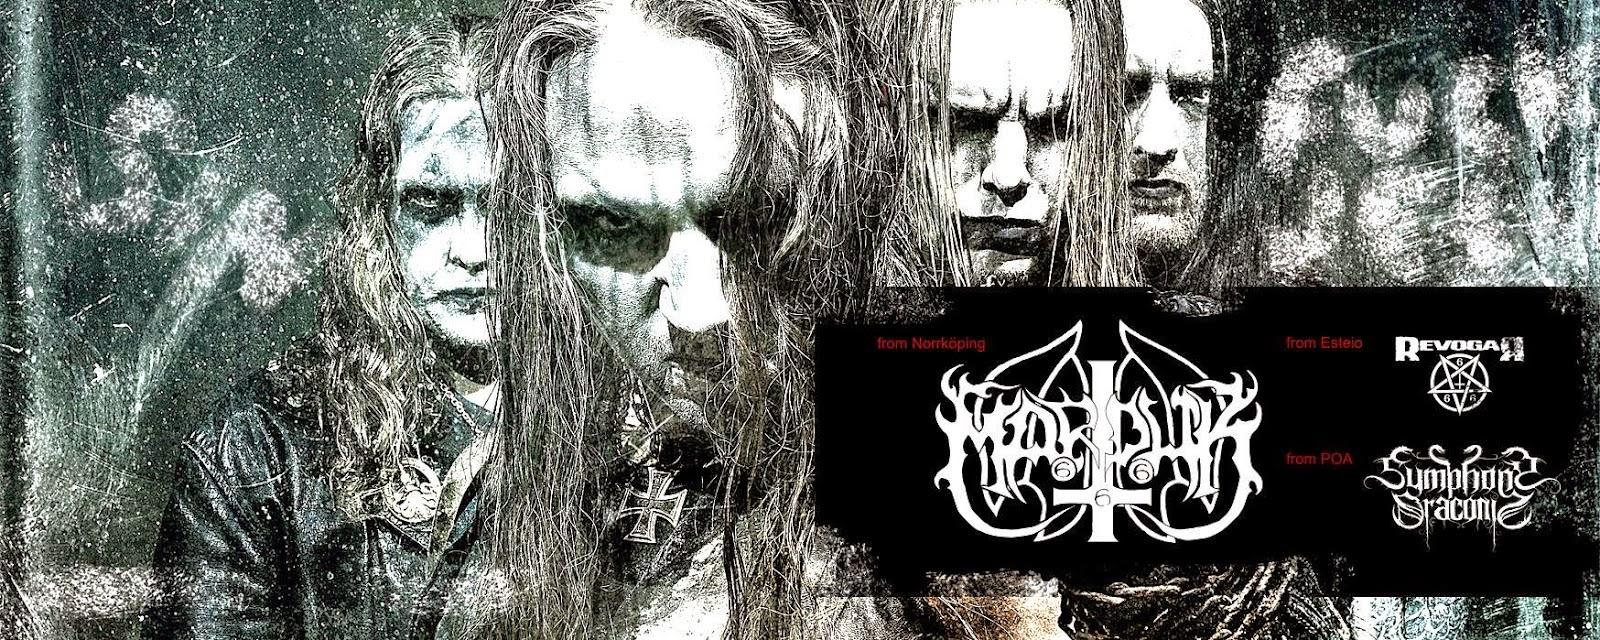 Marduk de volta ao RS! Ingressos promocionais ainda disponíveis!